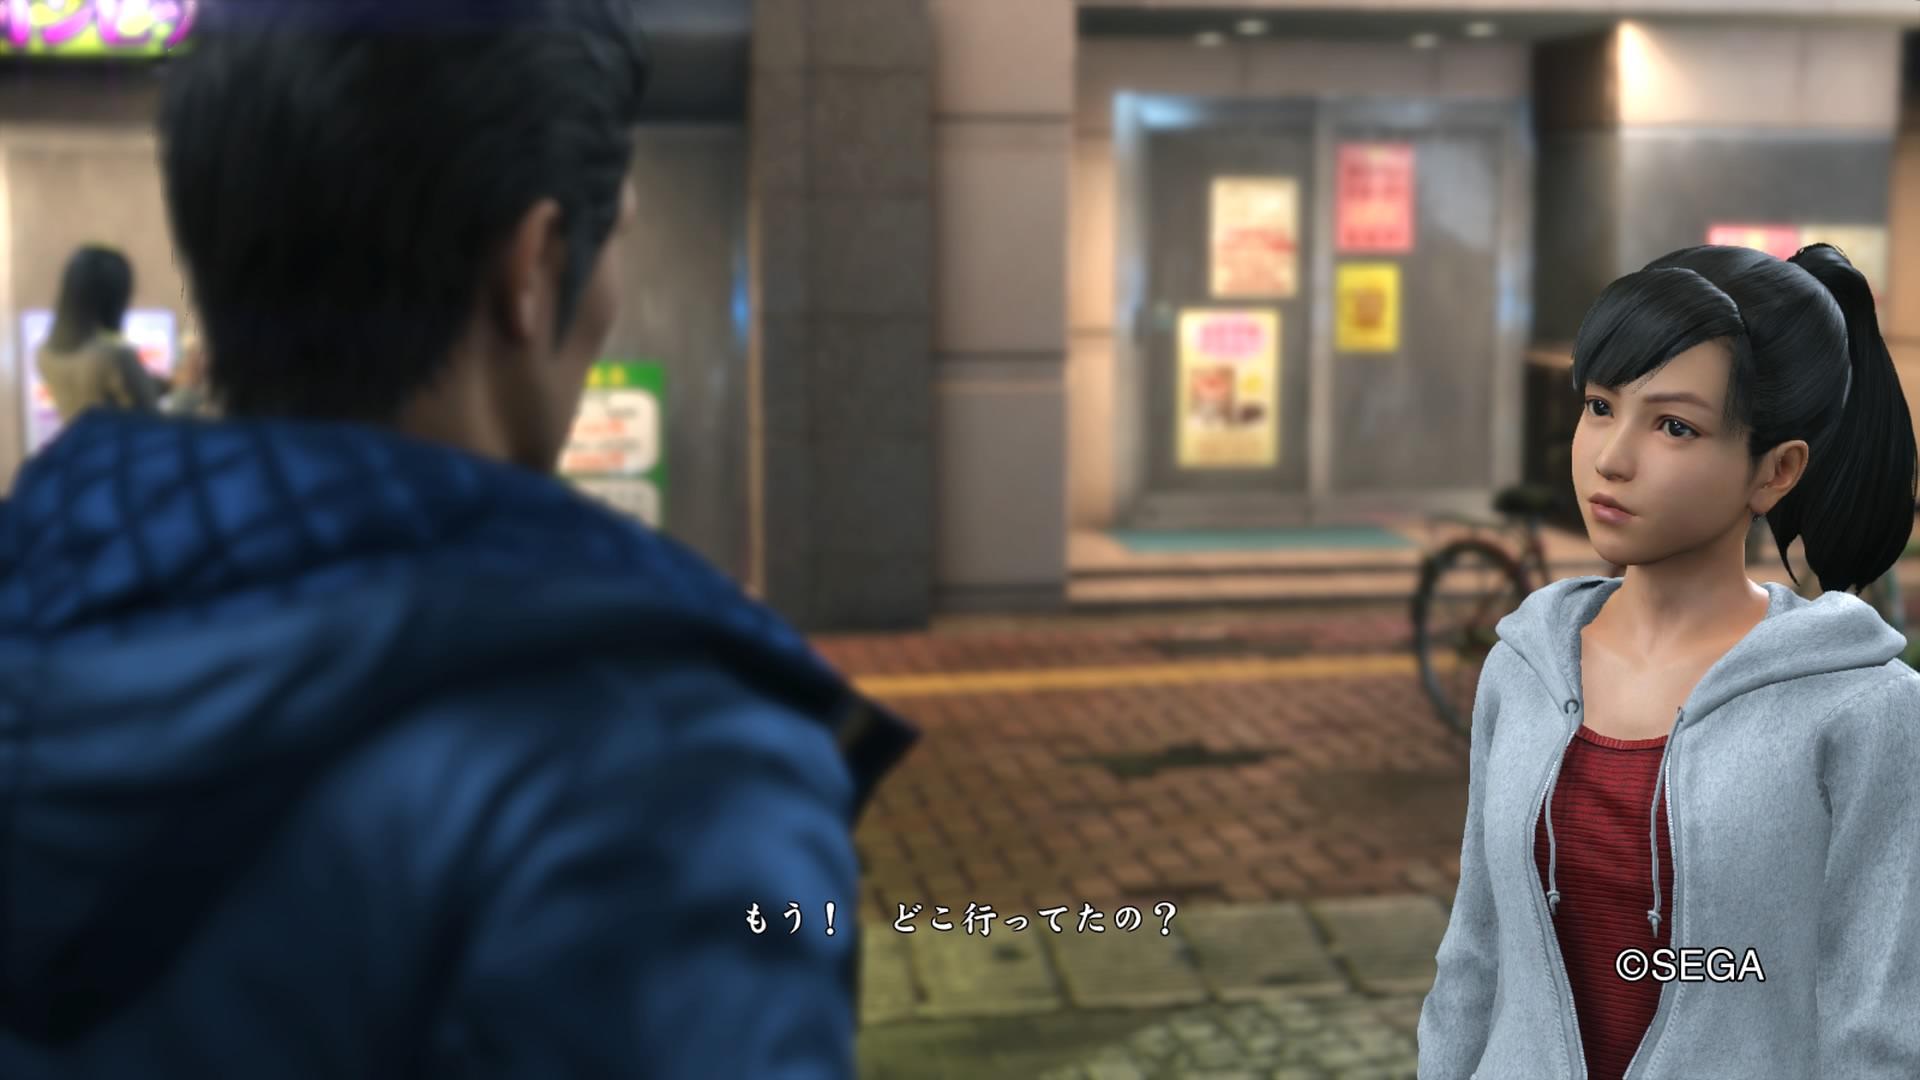 神室町に観光に来ていた様子。遥ちゃんが買い物を済ませてる間に桐生一馬が神室町の問題を解決していたとの設定。